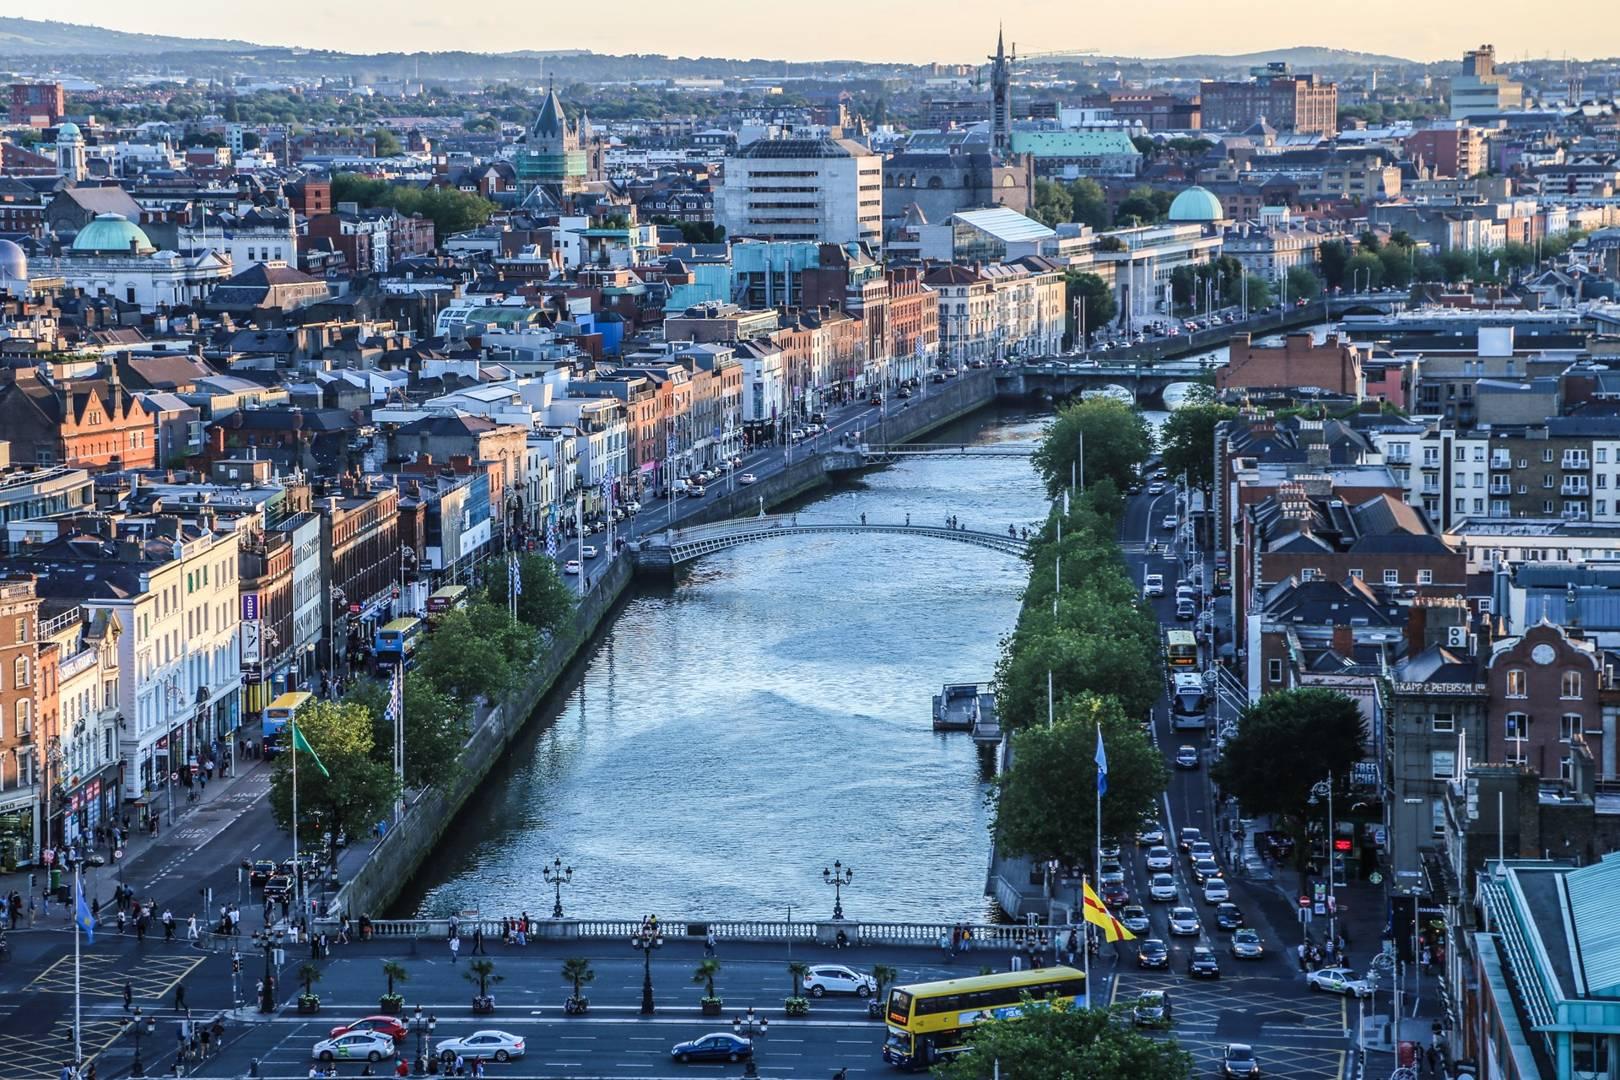 Pigus skrydziai i Dublina